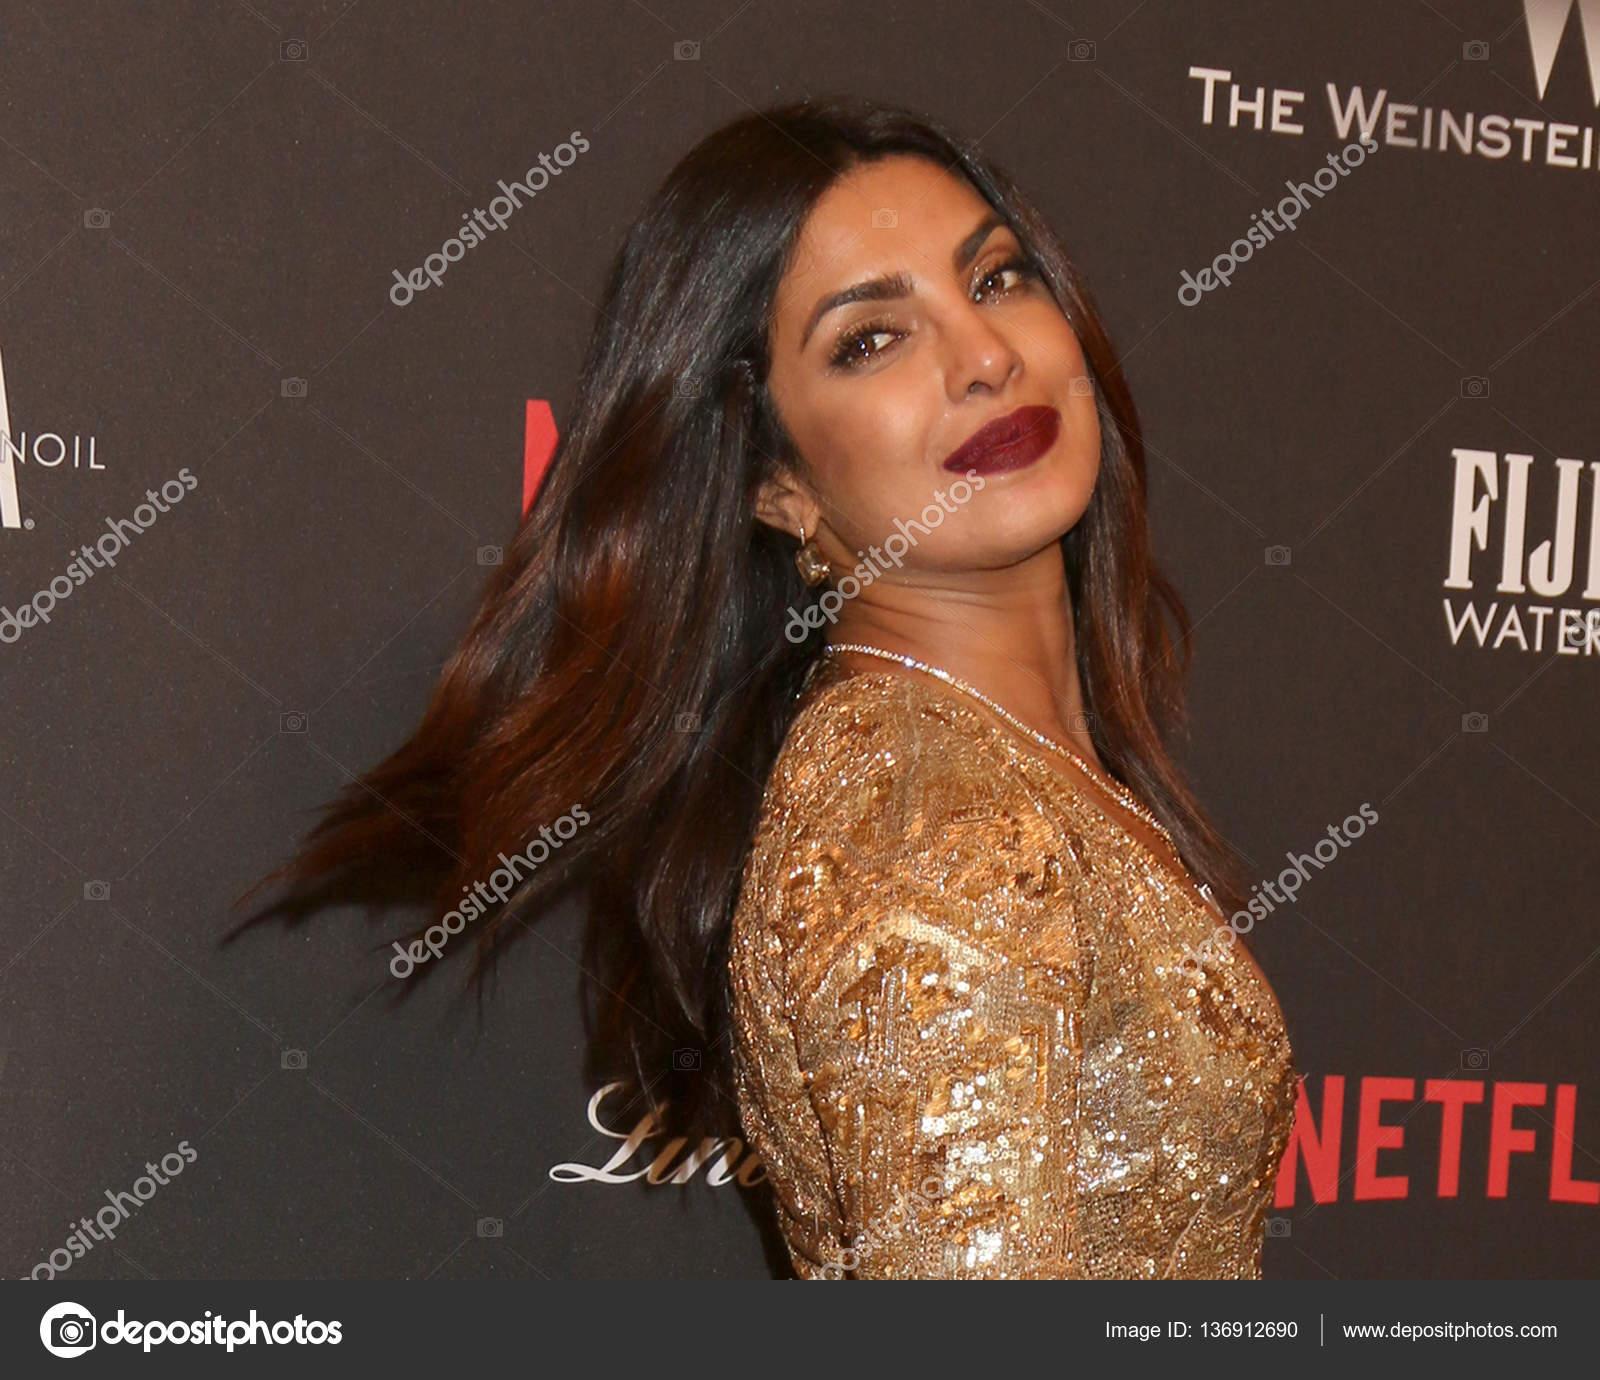 Remarkable, rather Priyanka chopra actress